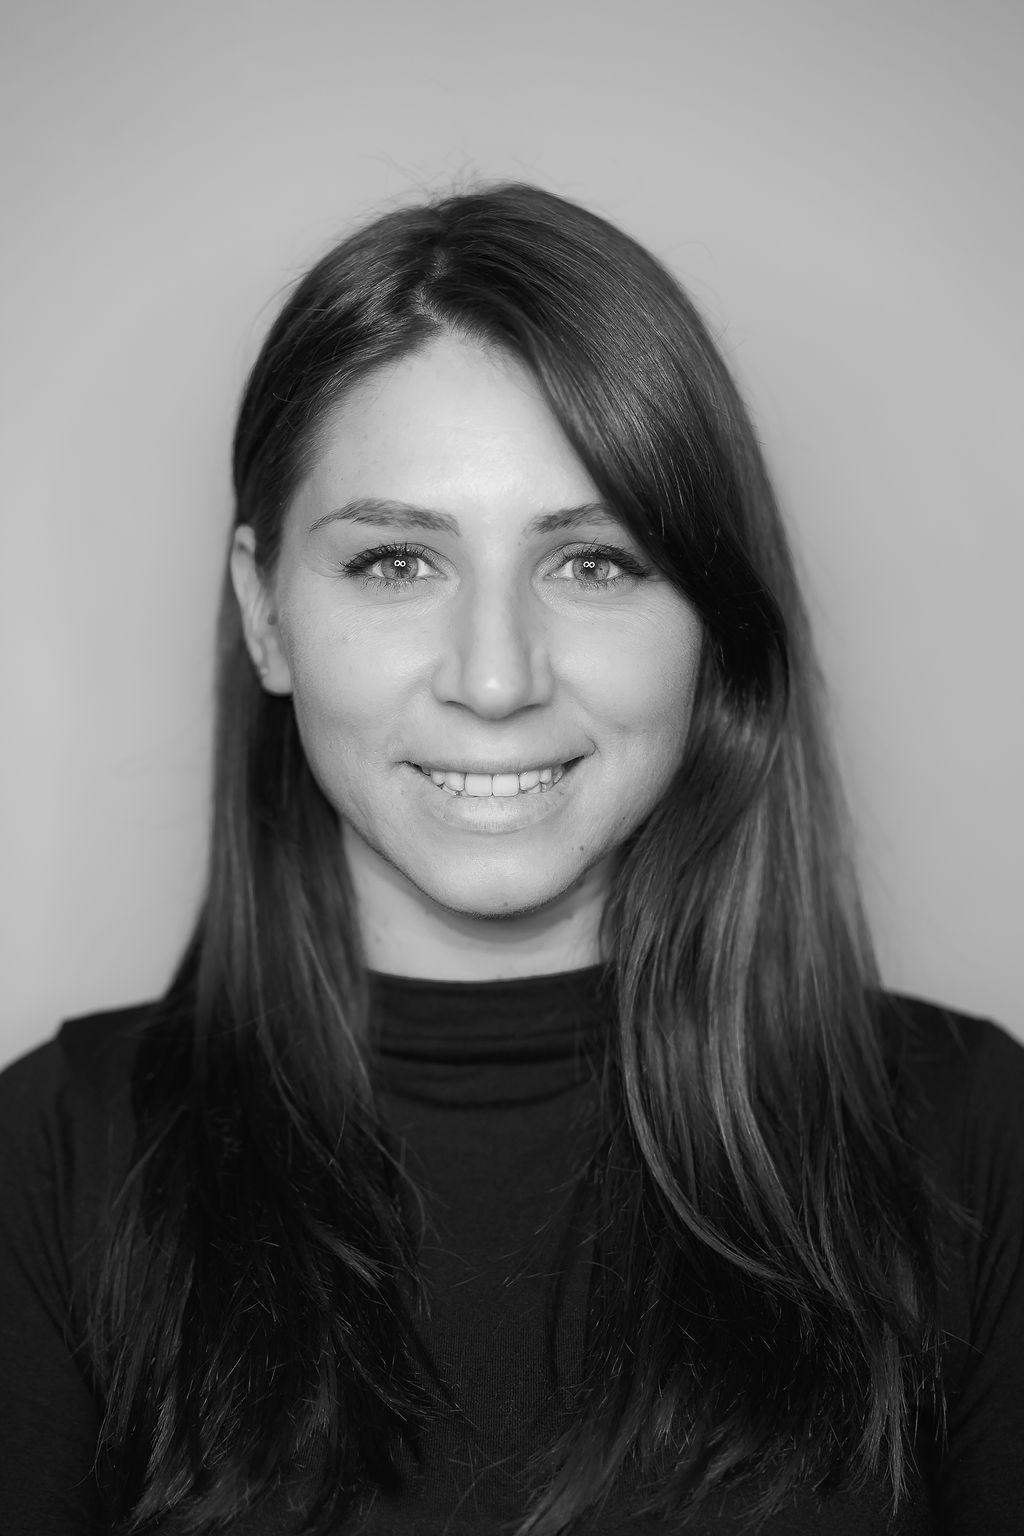 Portrait of Rimma Pitkewitsch